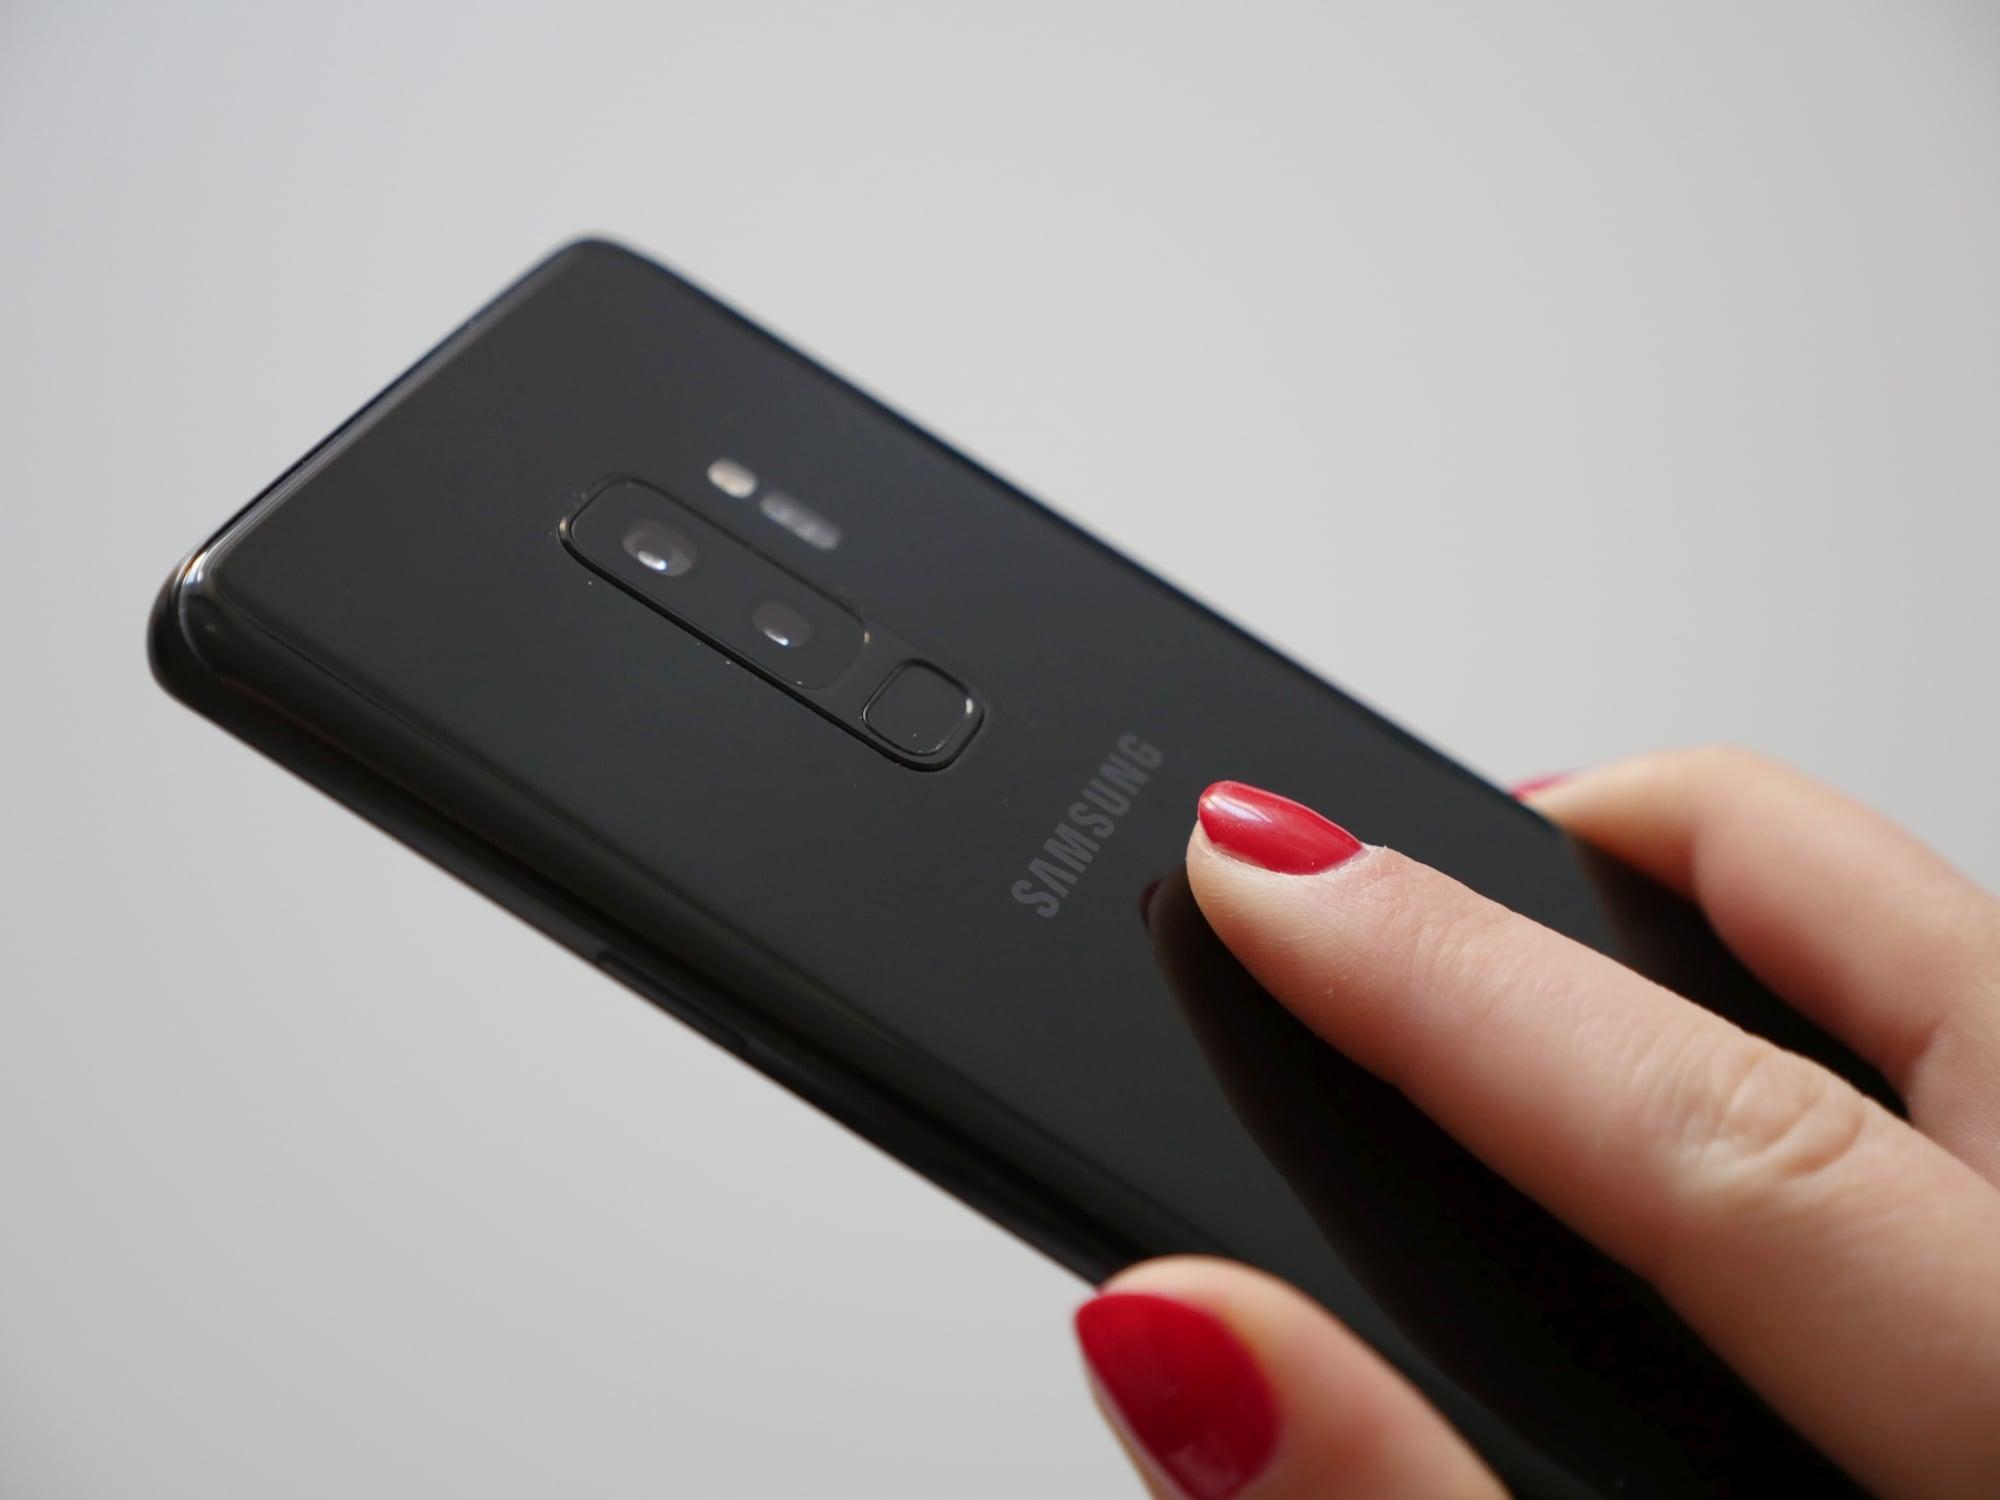 """Tabletowo.pl Seria Galaxy S10 niczym S7. Powróci """"płaska"""" wersja? Android Nowości Plotki / Przecieki Samsung Smartfony"""